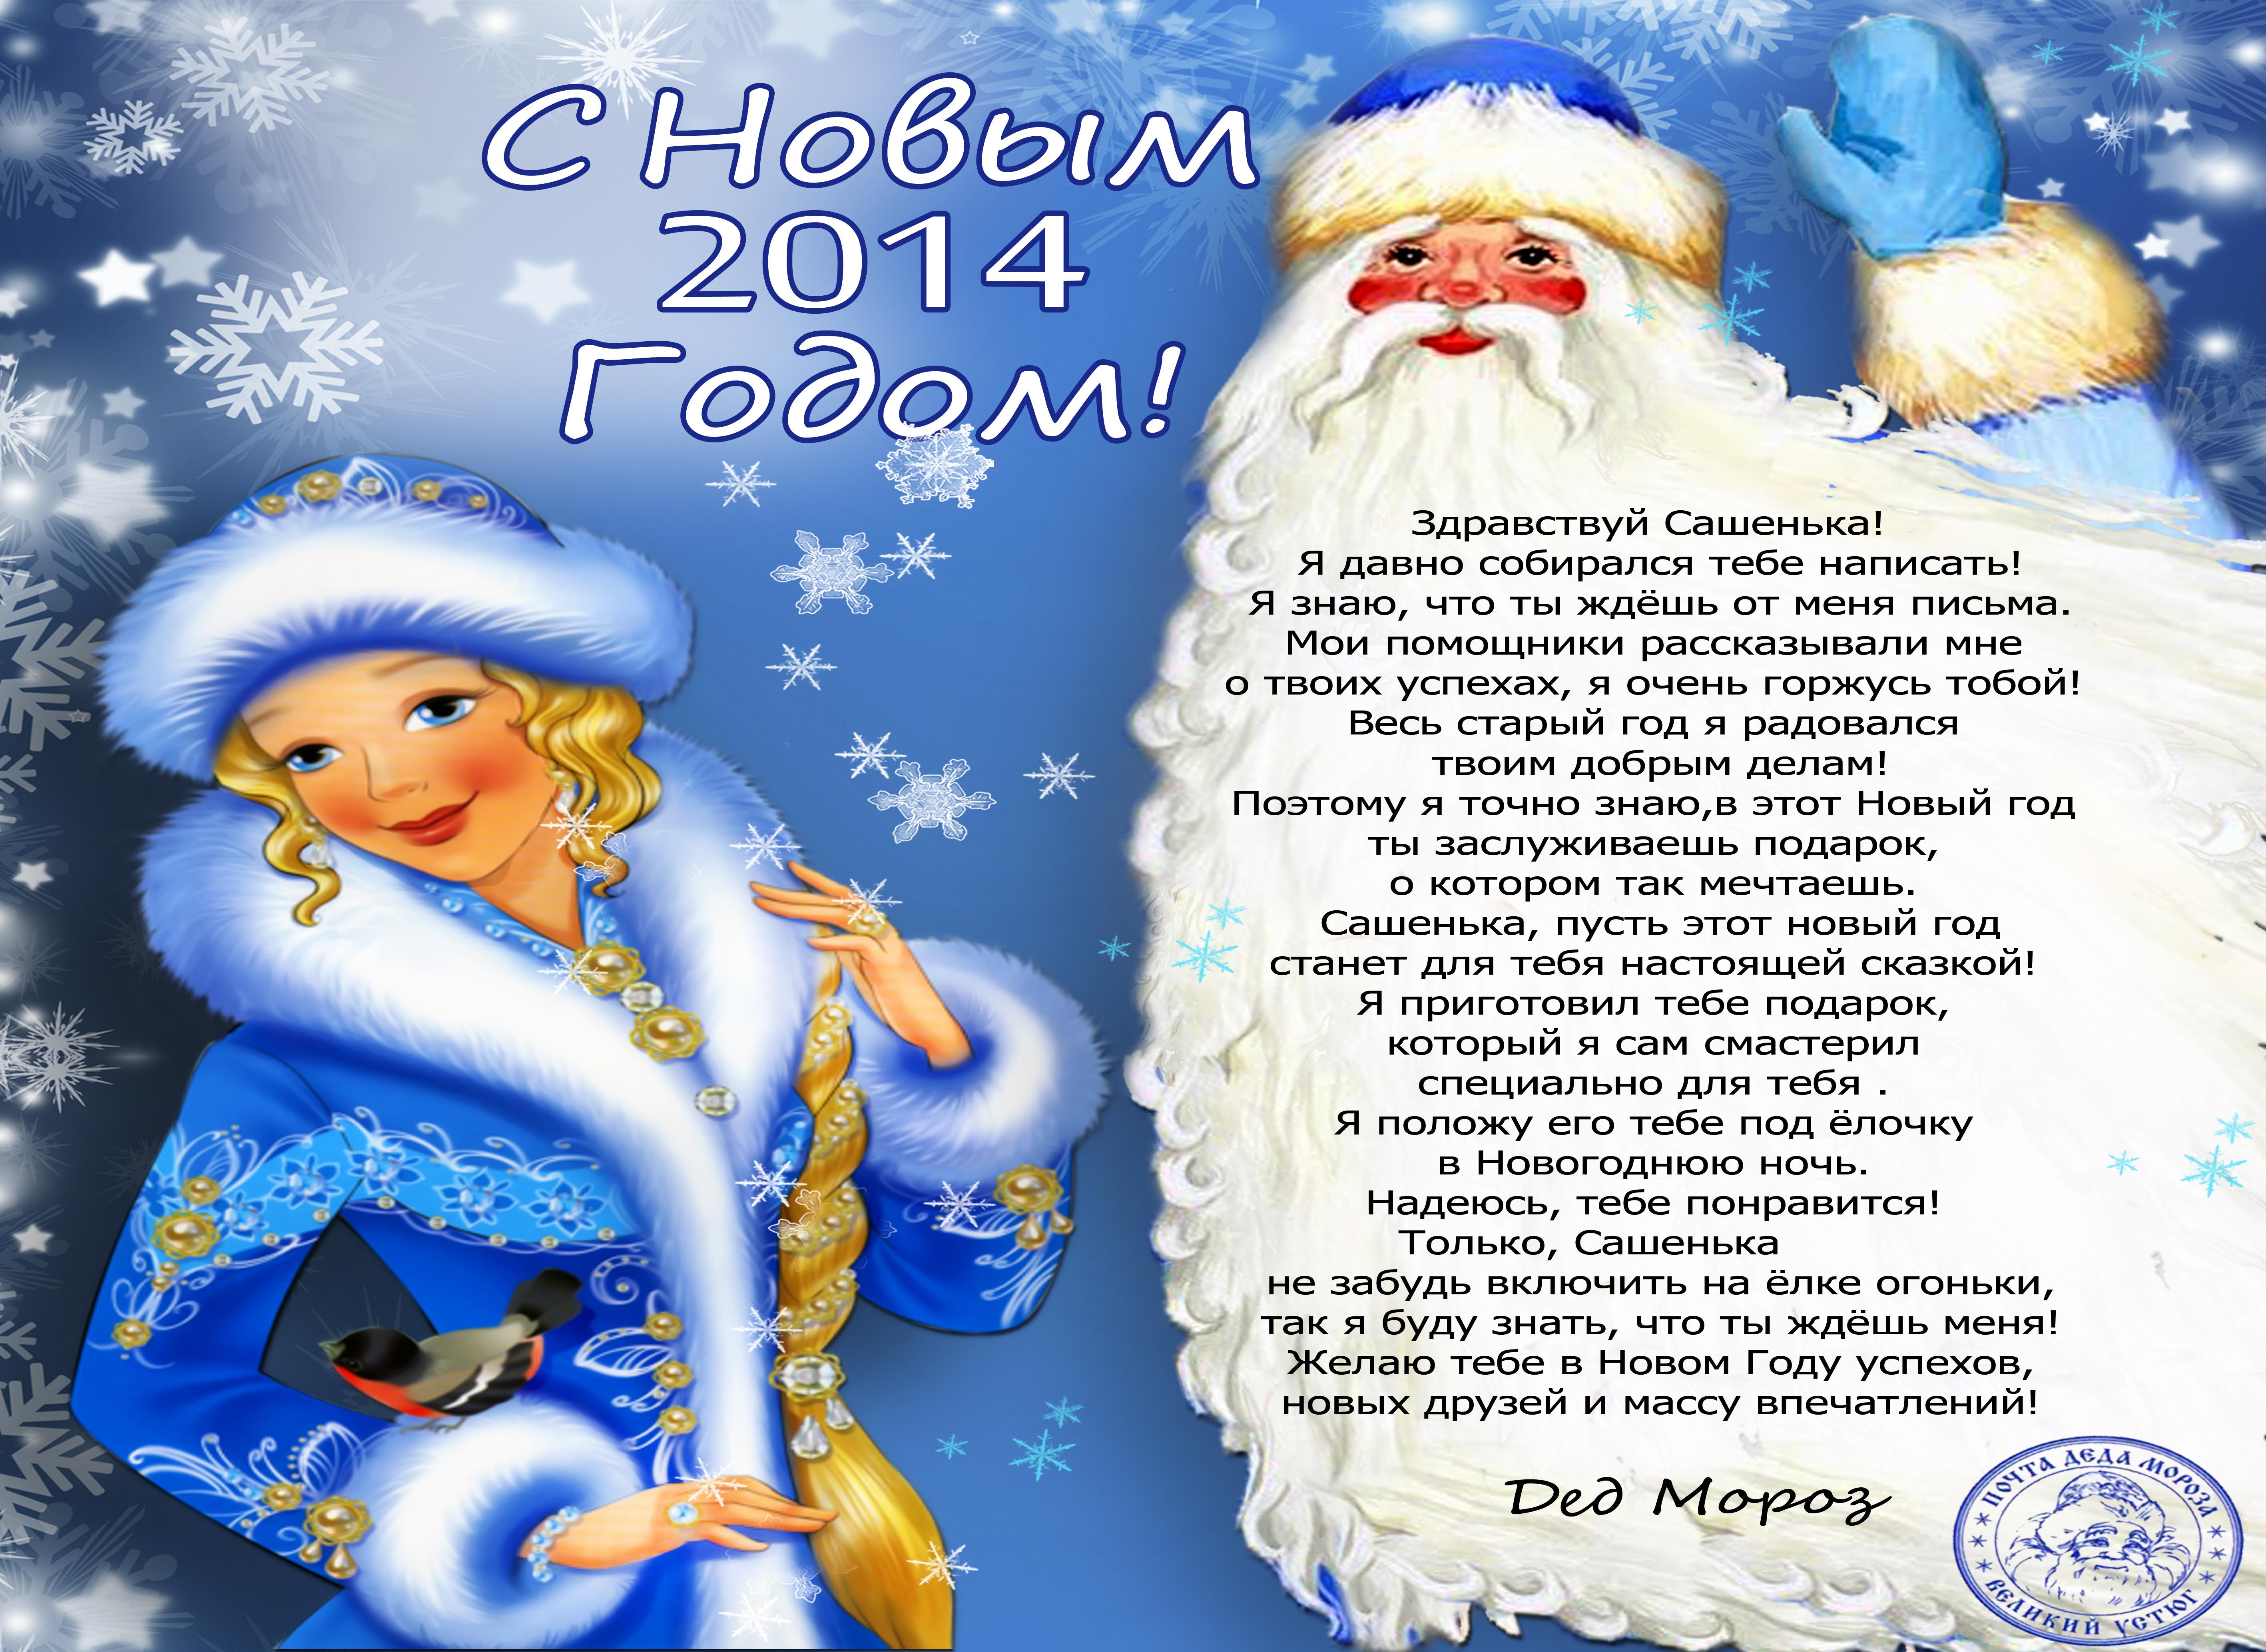 Поздравления от деда мороза пожелания